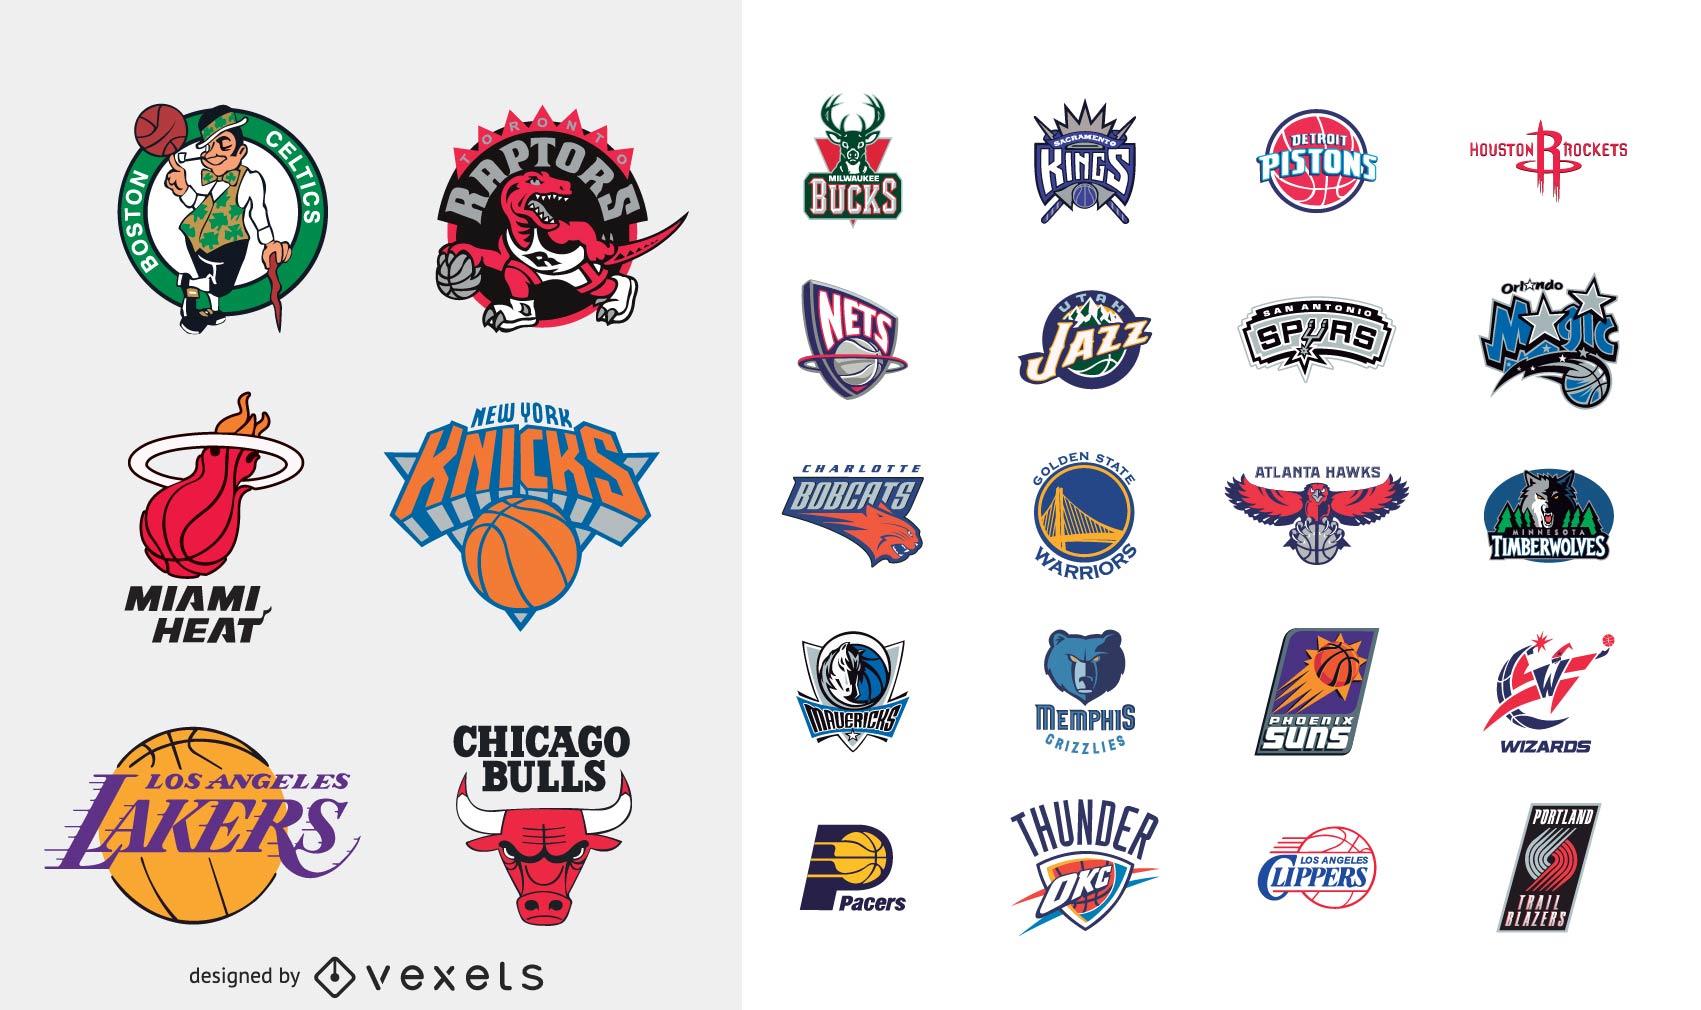 Logotipos vectoriales del equipo de baloncesto de la NBA